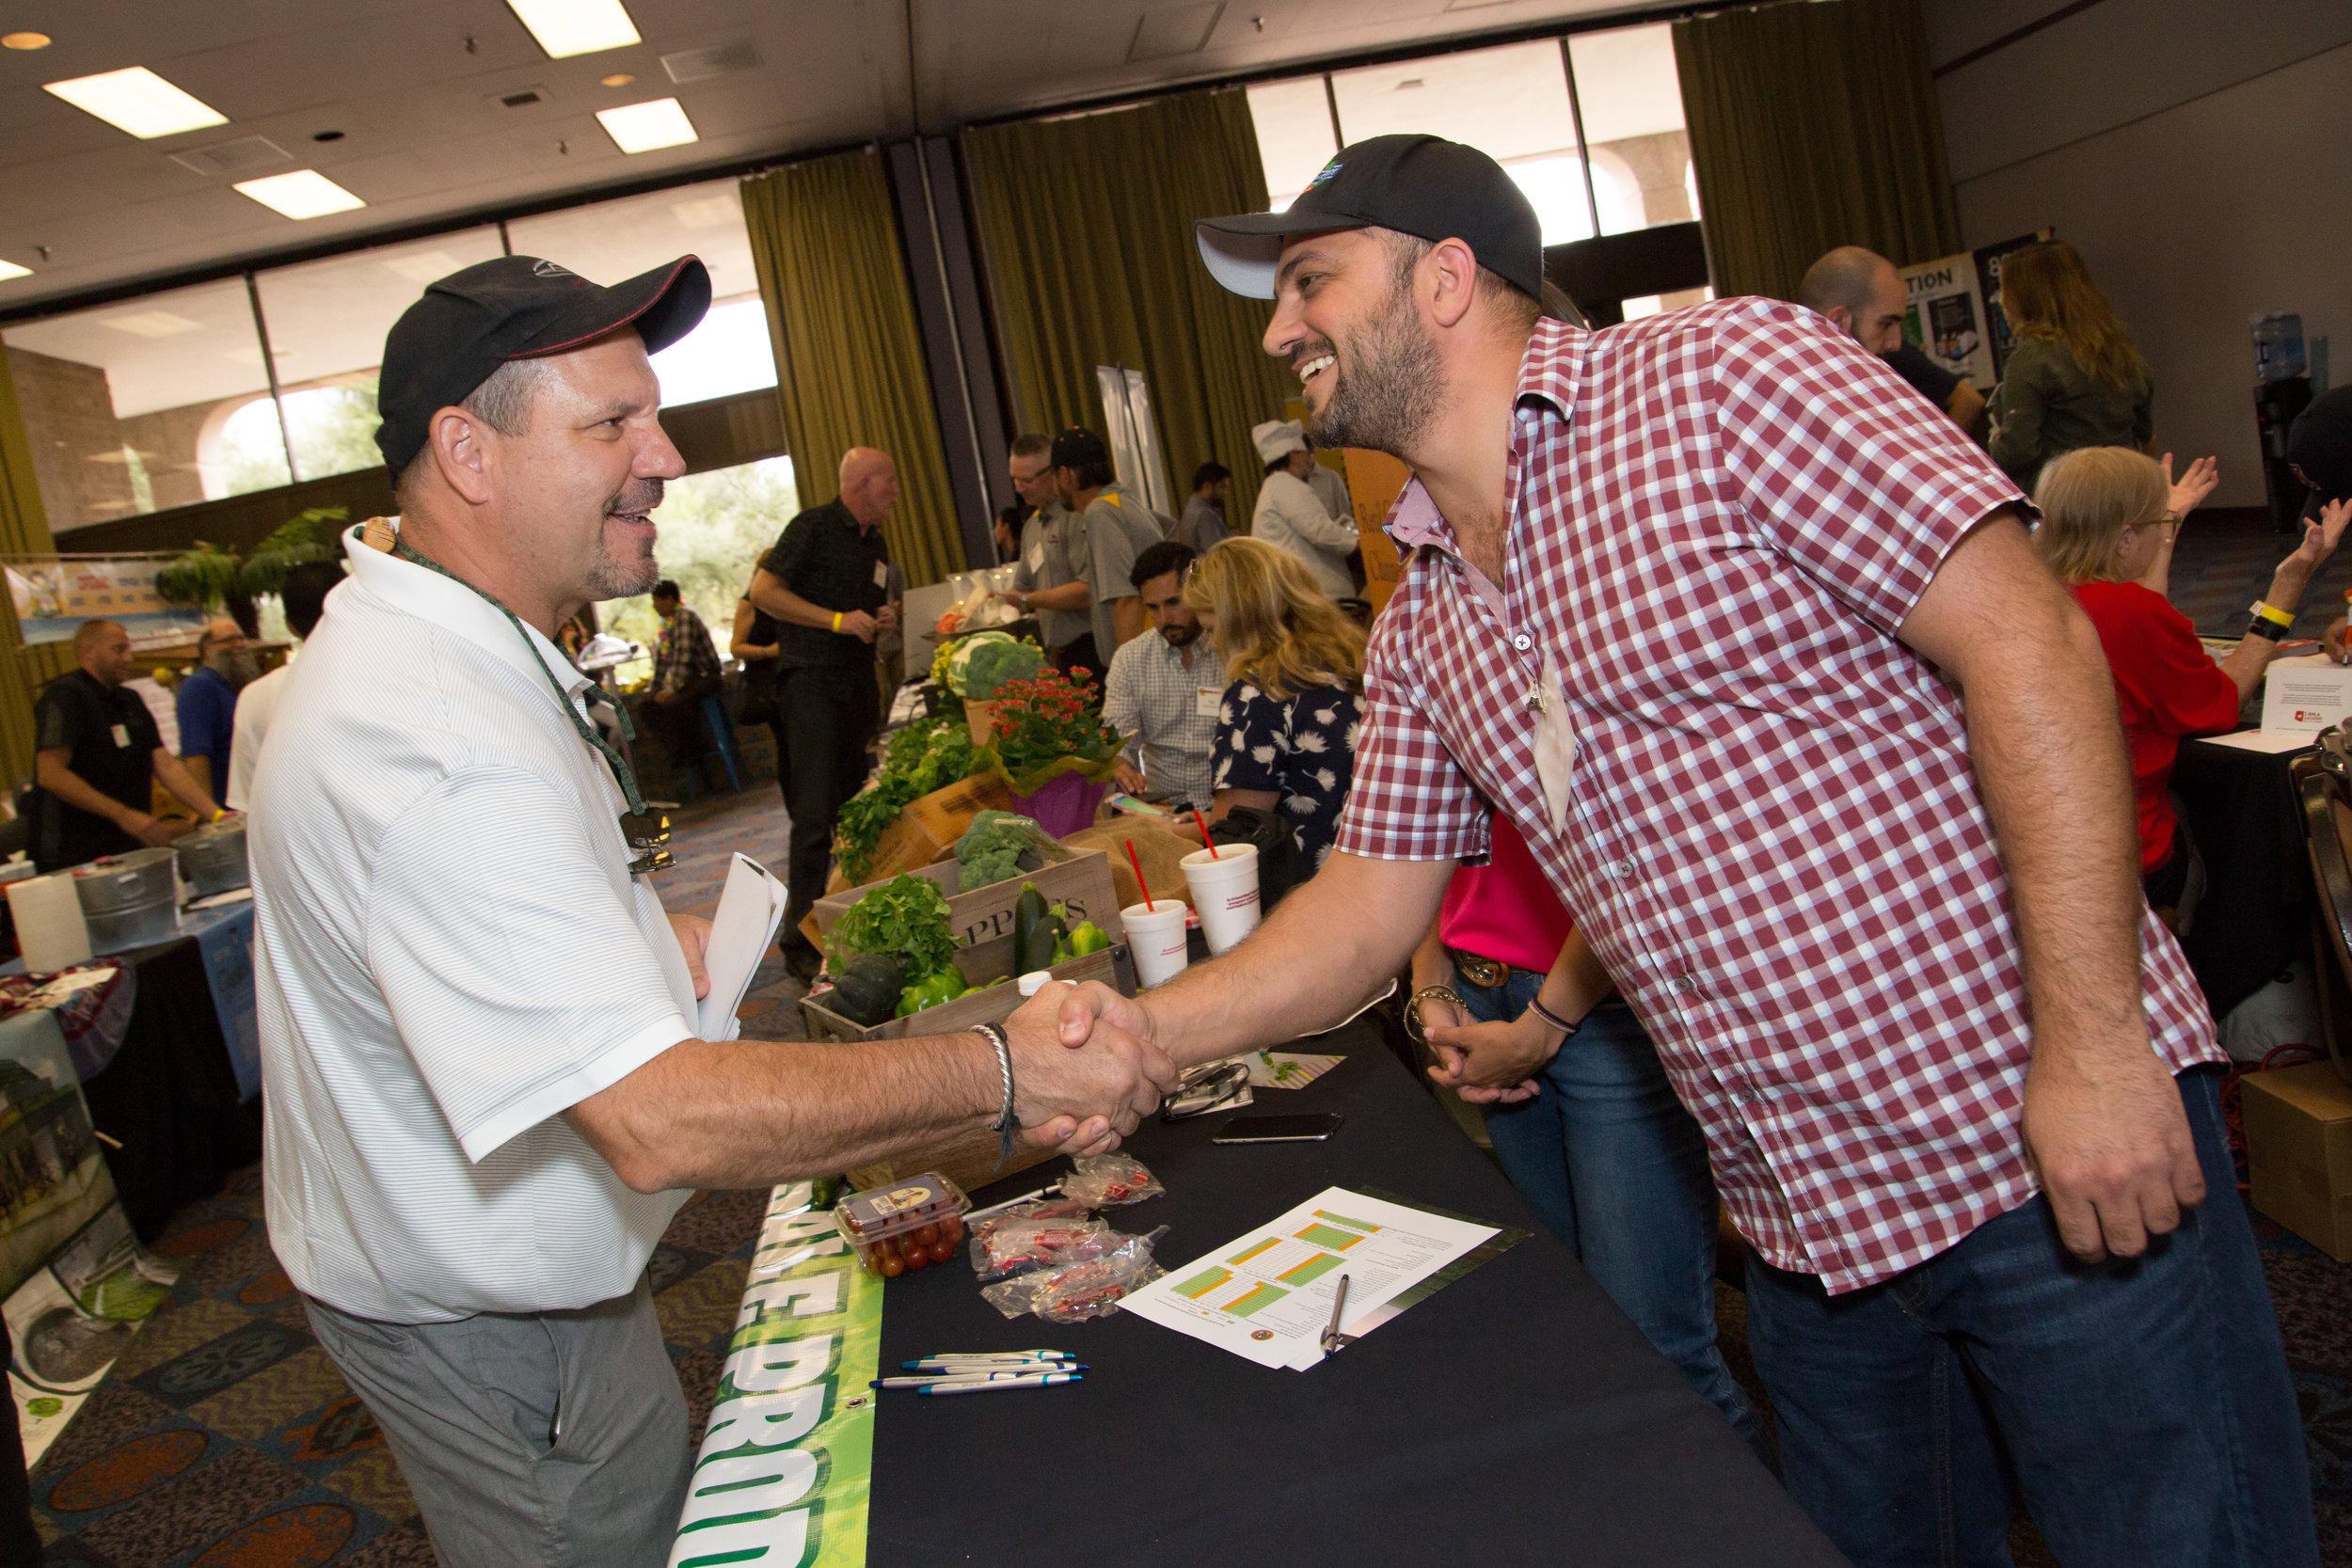 AZ Farmer + Chef full gallery HI RES (69 of 75).jpg